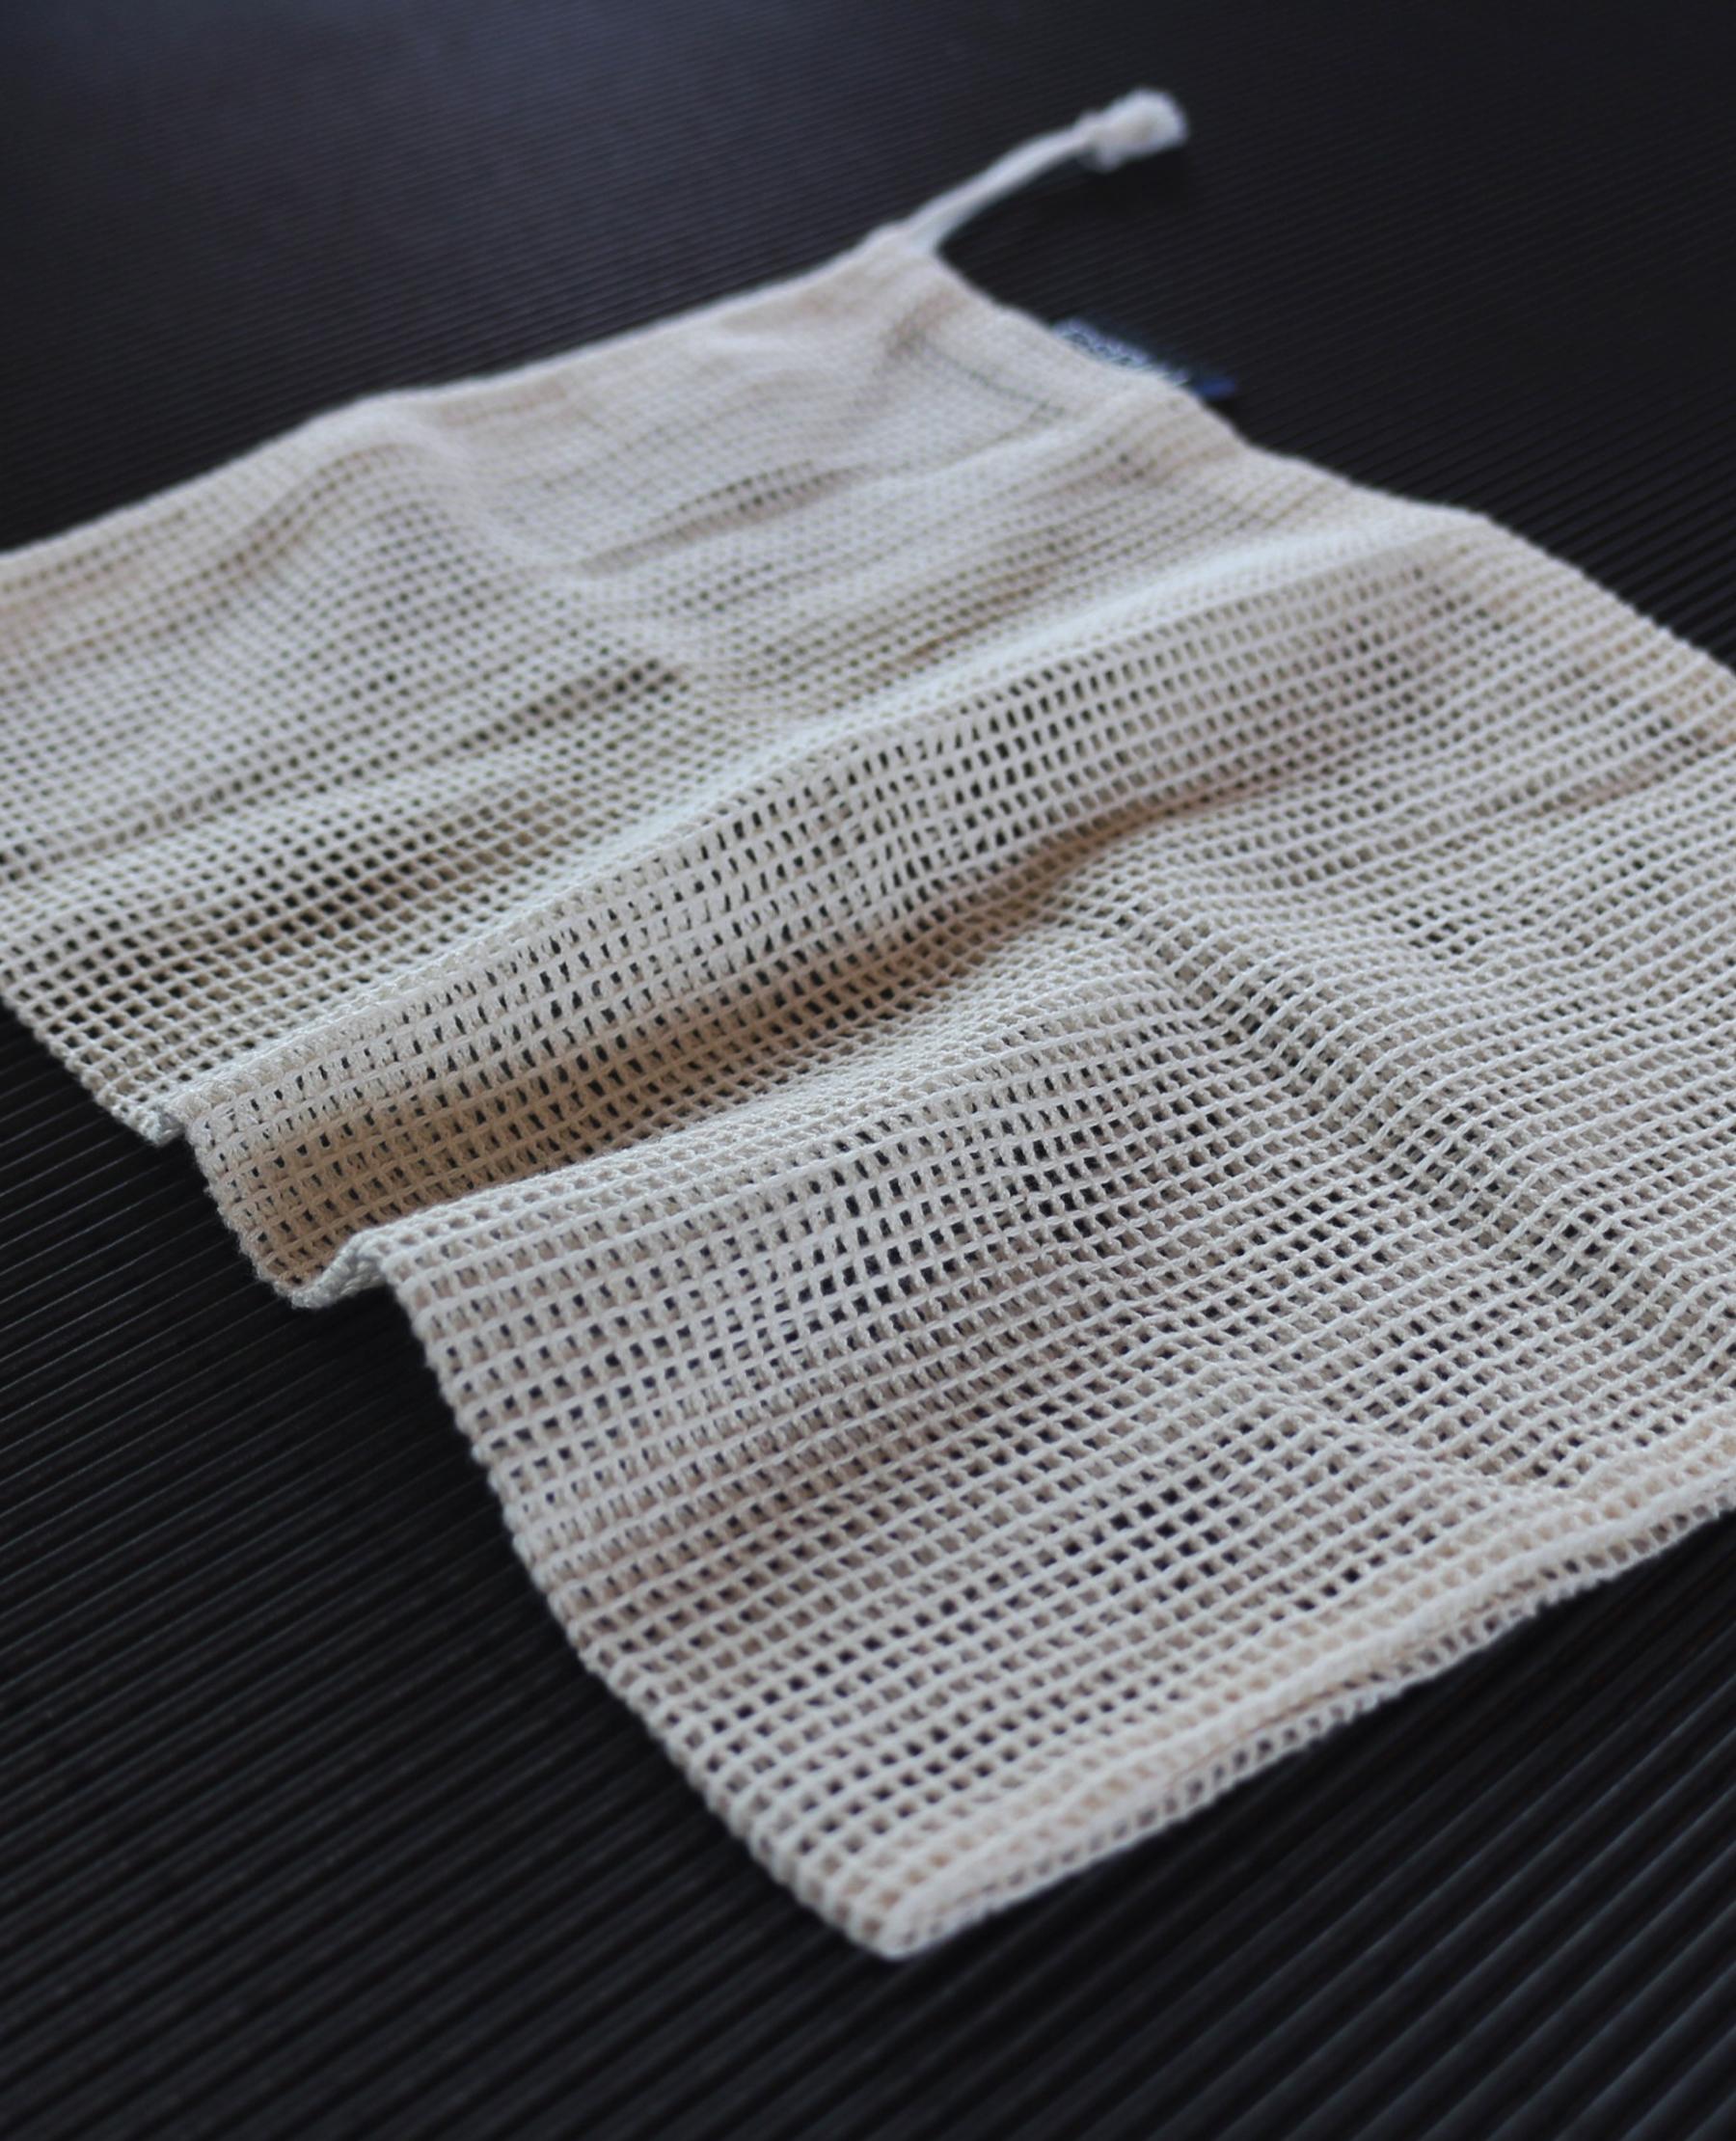 Waszakje voor bh - Waszakje kopen - Māsa Organic